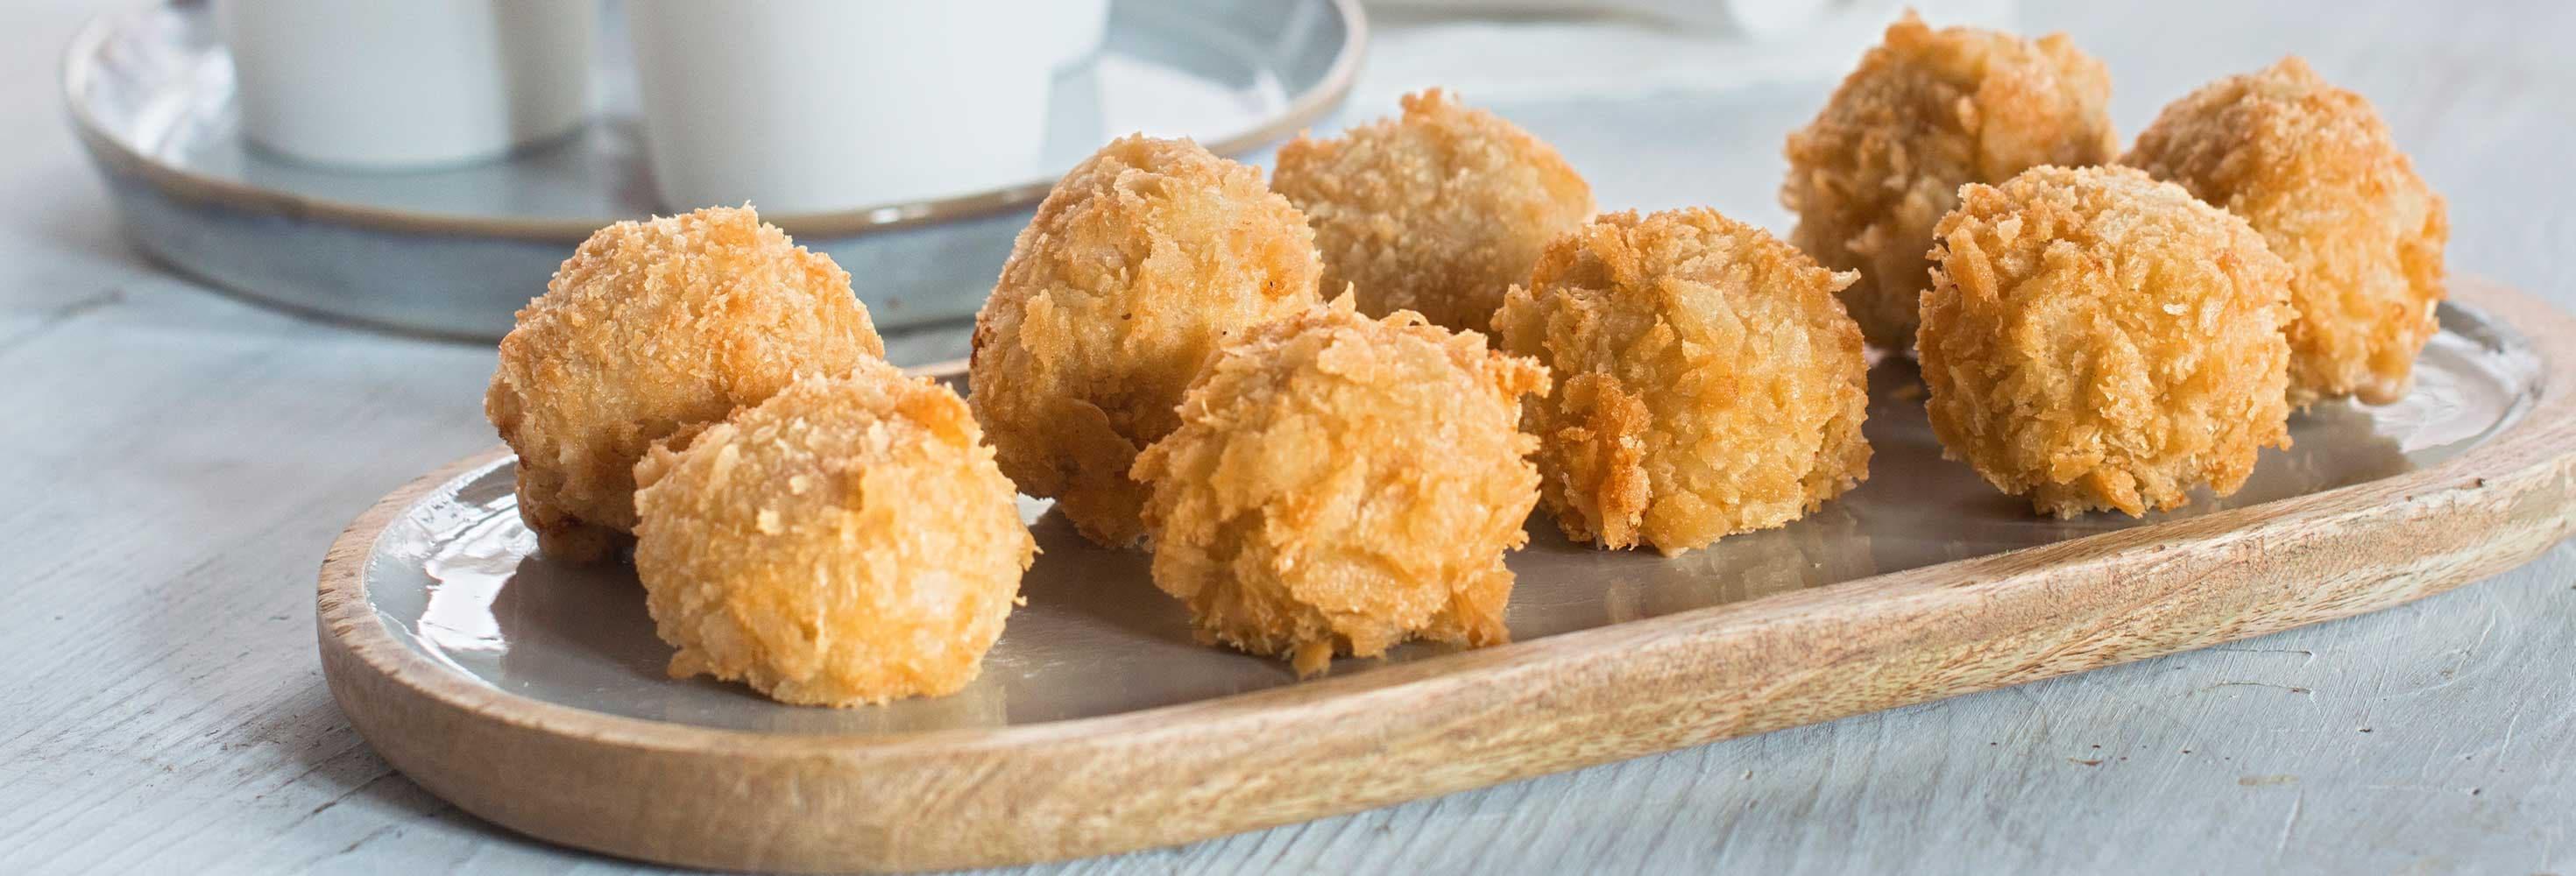 Croquettes aux crevettes et crème pour dips